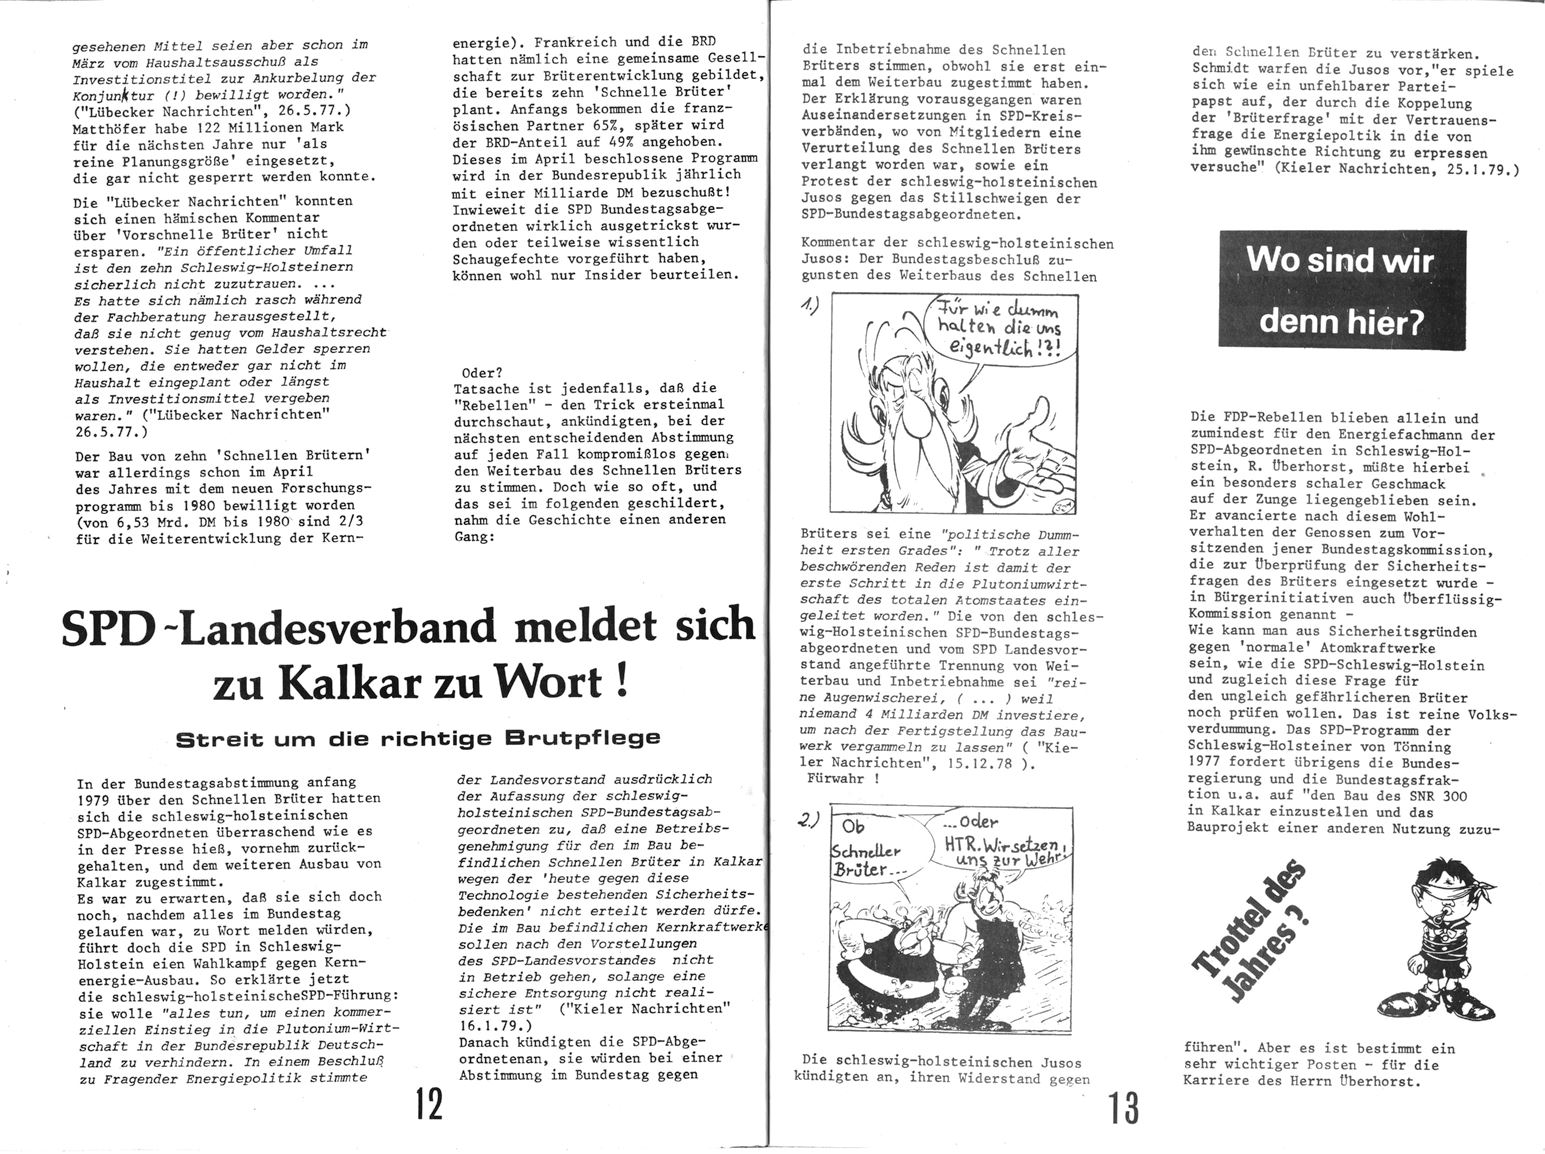 Schleswig_Holstein_Atompolitik_der_SPD_07